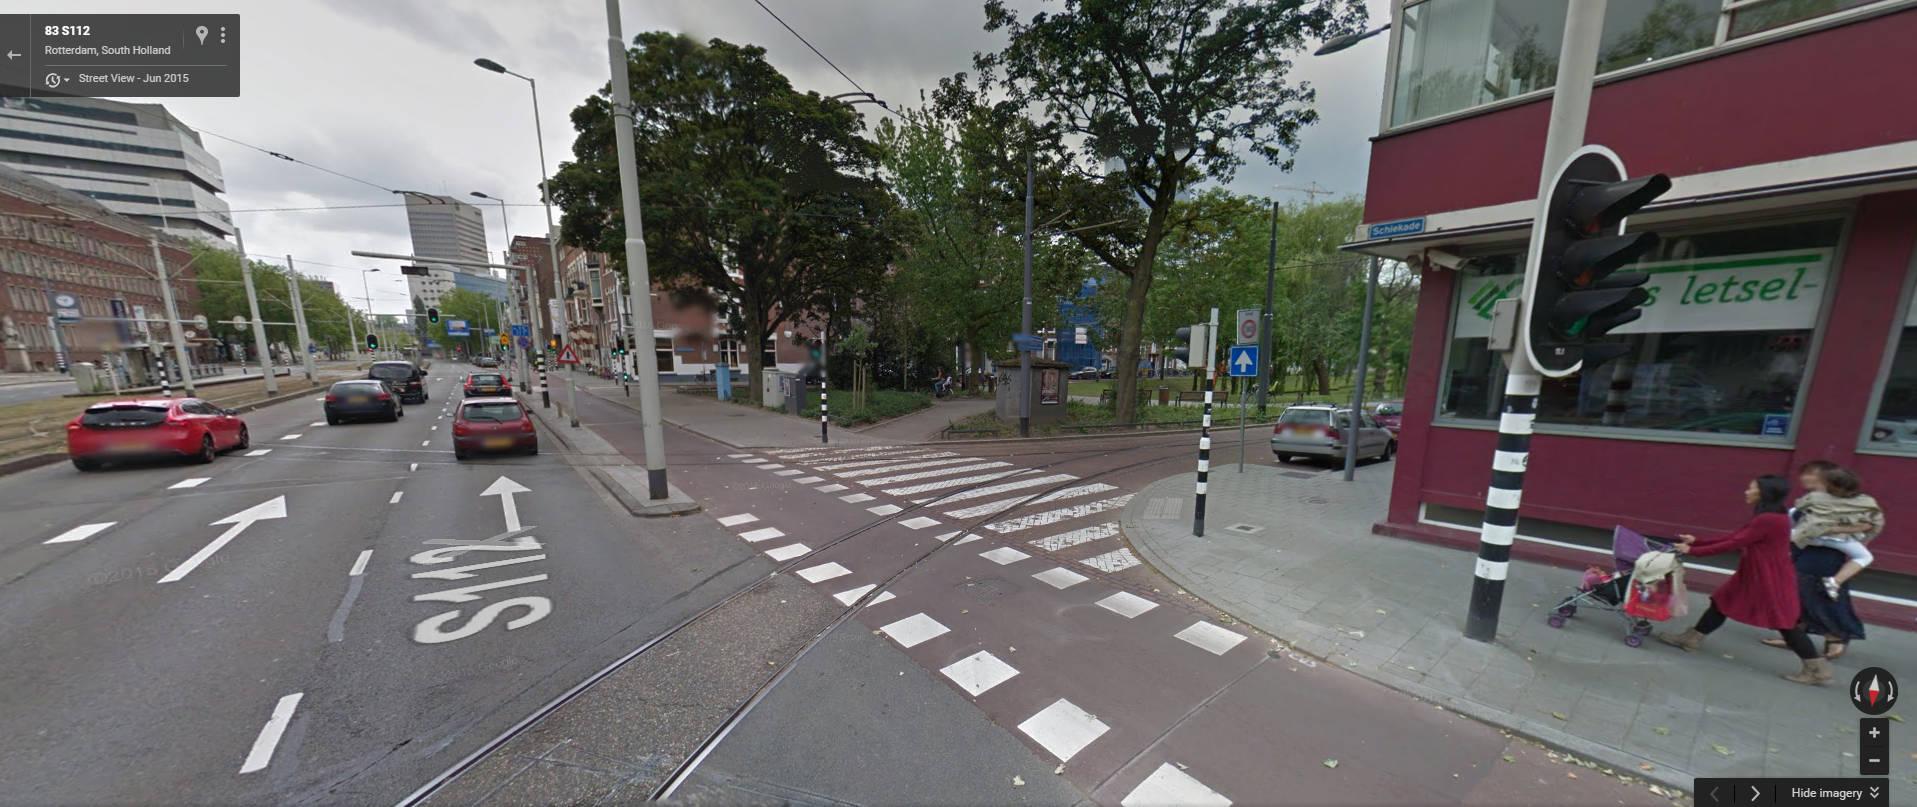 Schiekade - Rotterdam